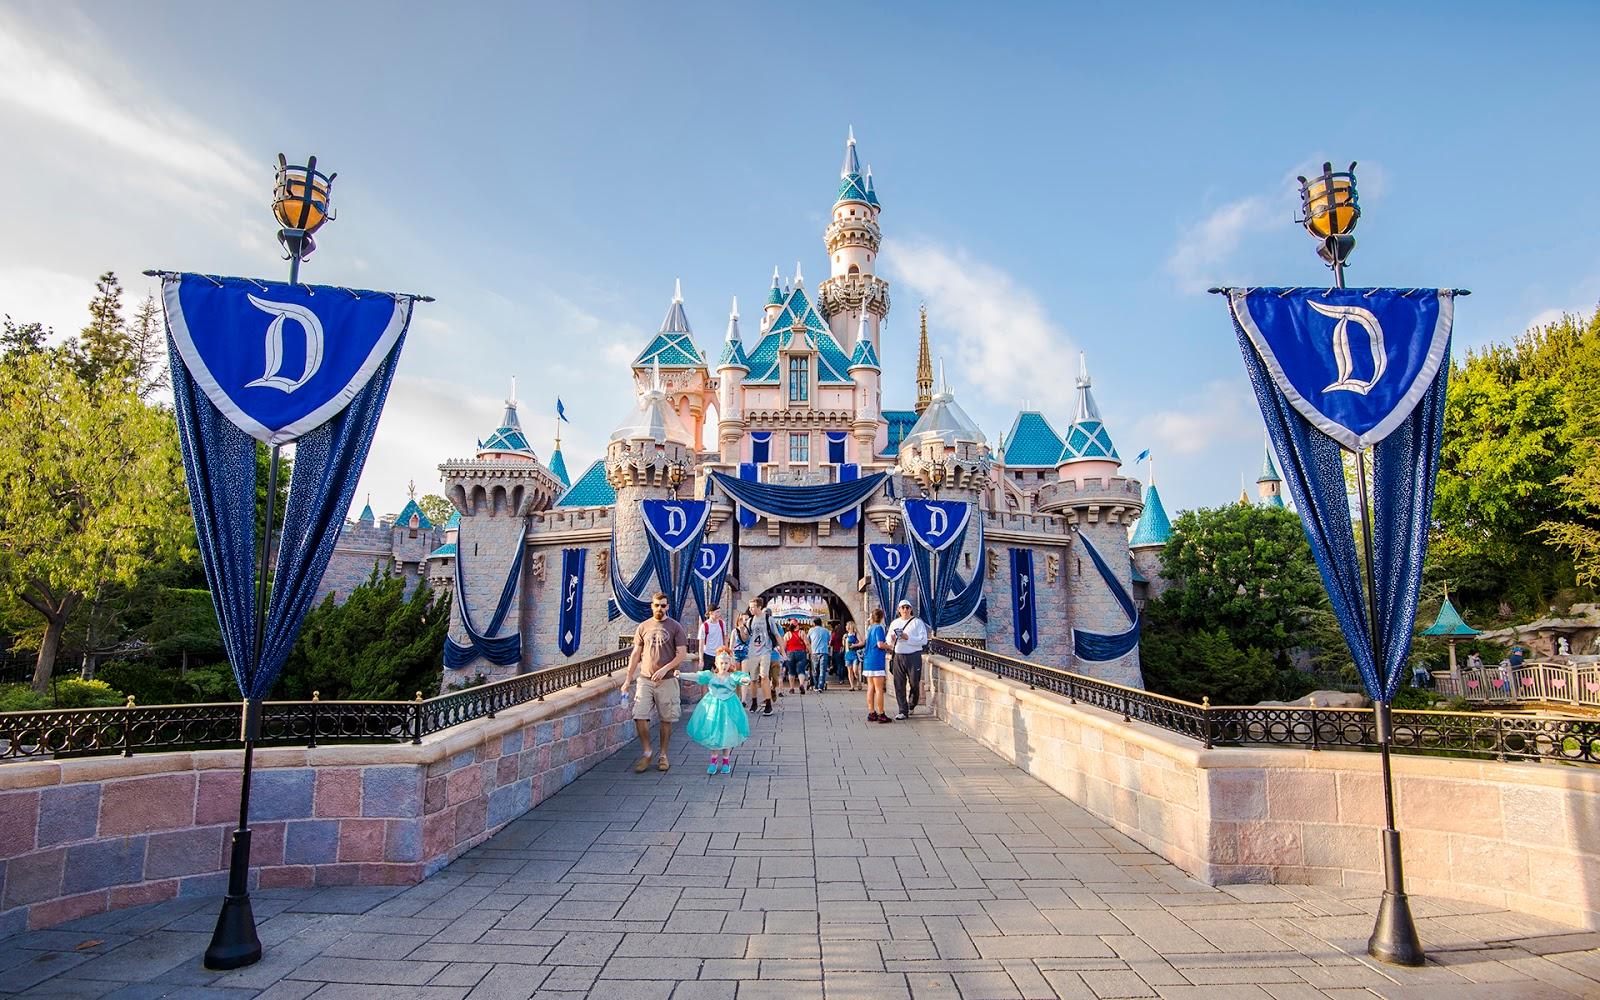 Disney Photoblography: The Bedazzled Castle, Part 2